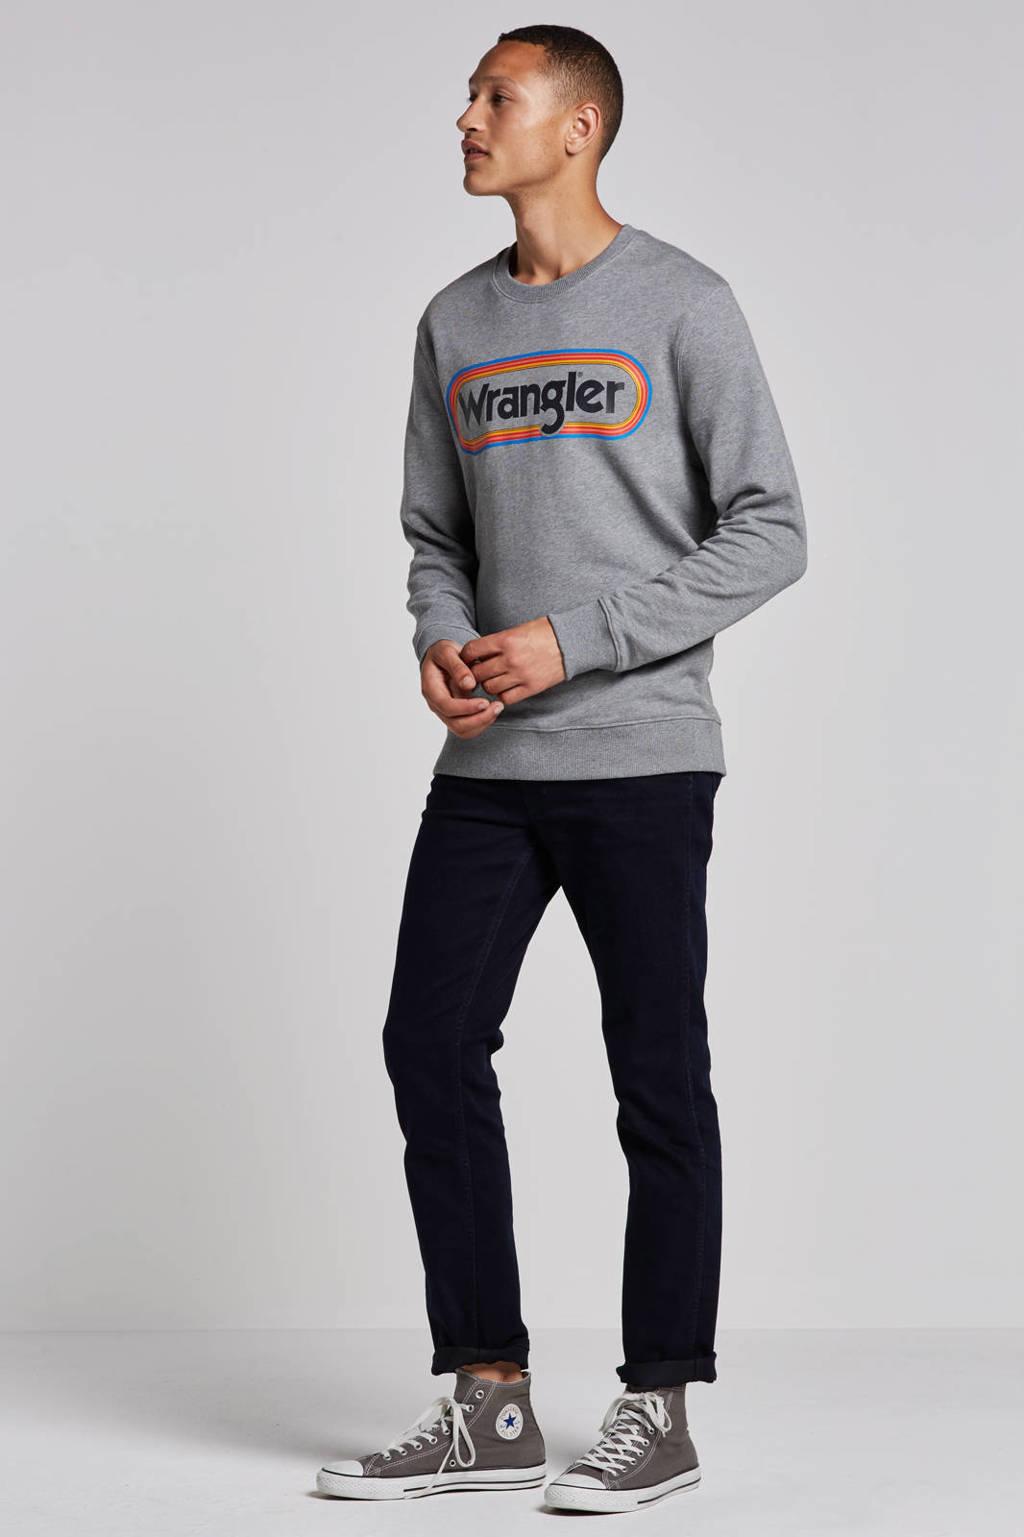 Wrangler Greensboro regular straight fit jeans, Black back